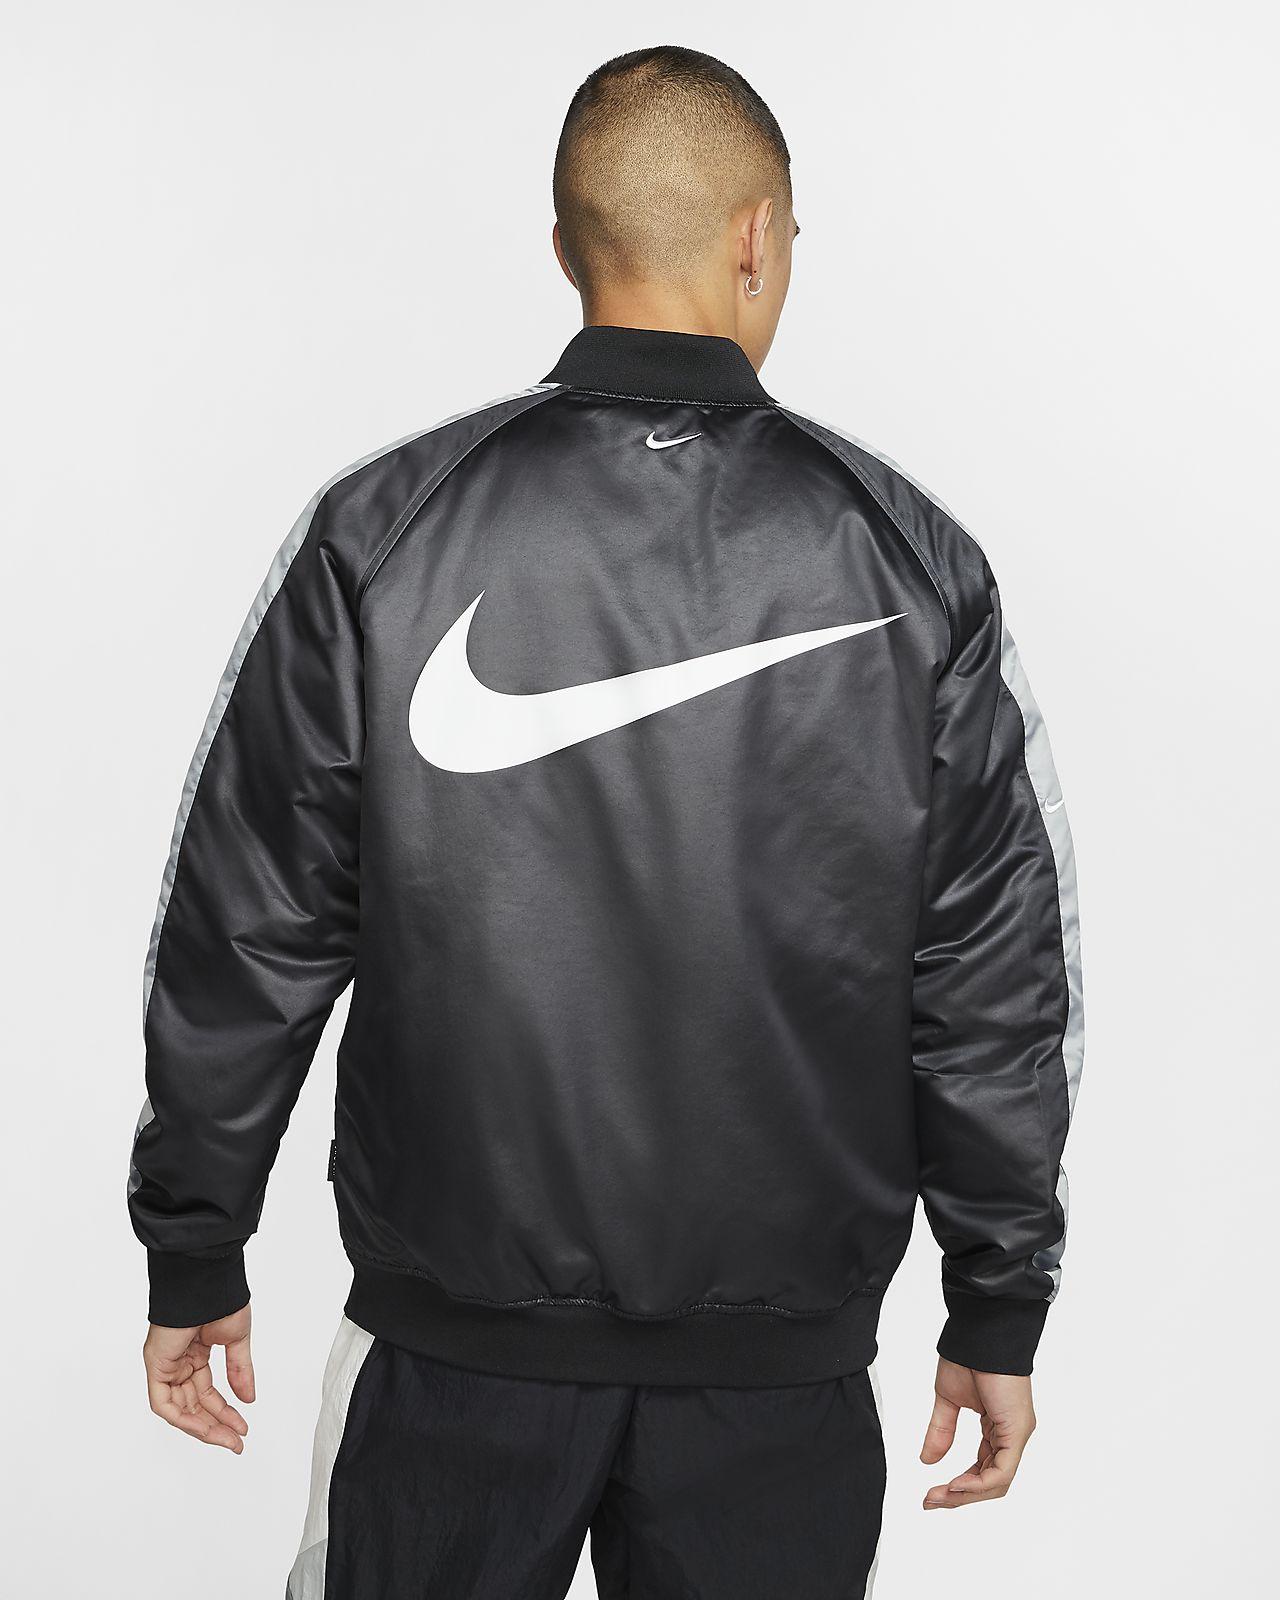 Nike Sportswear Swoosh Men's Woven Bomber Jacket